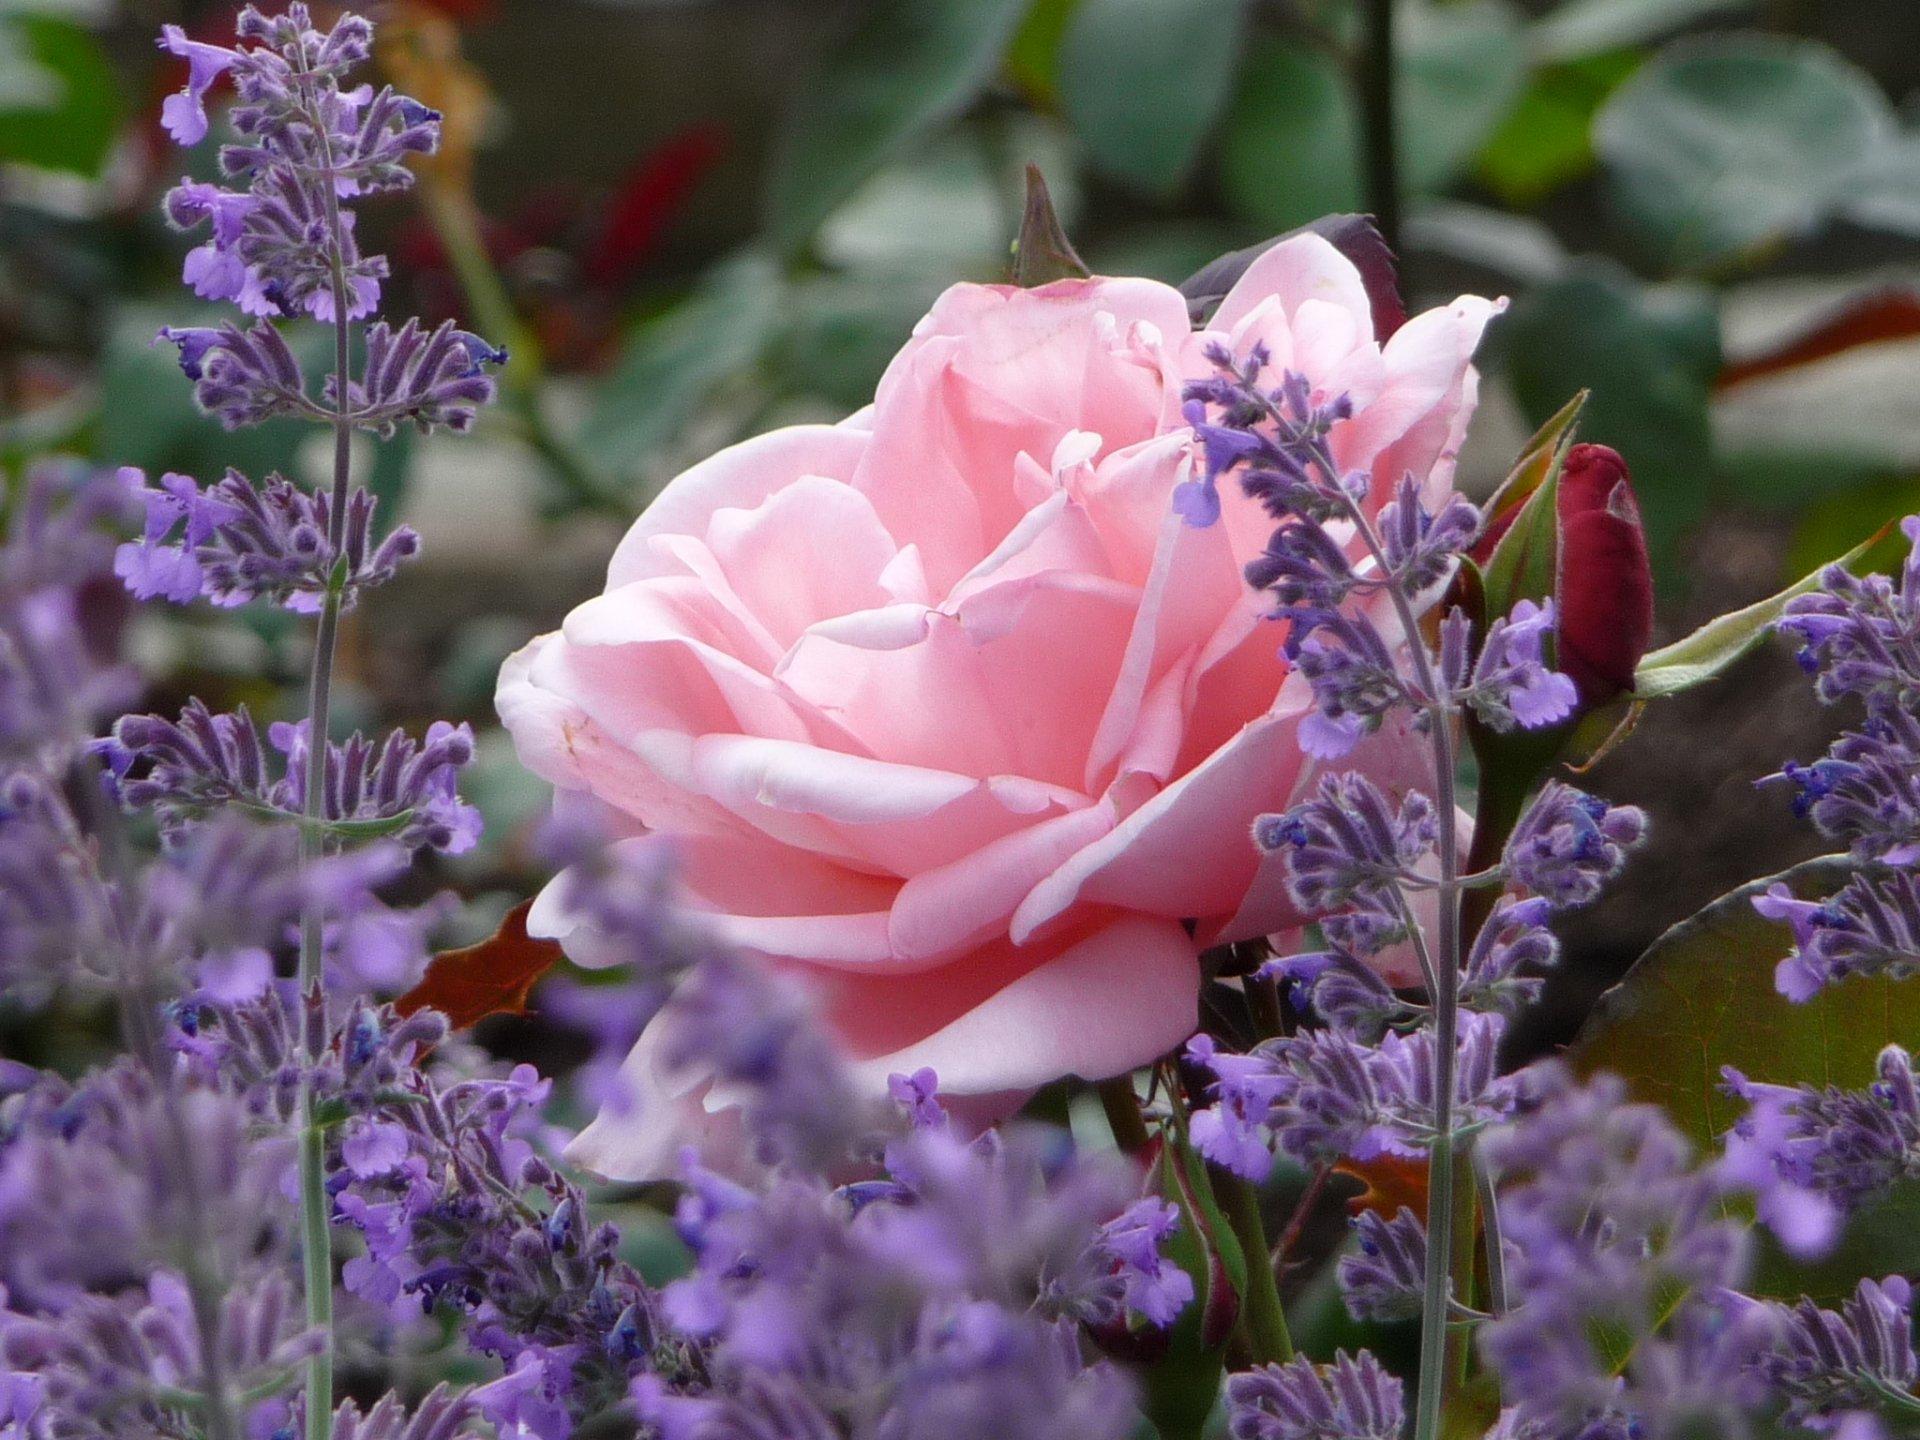 Ароматная лаванда и розы – классика садового дизайна